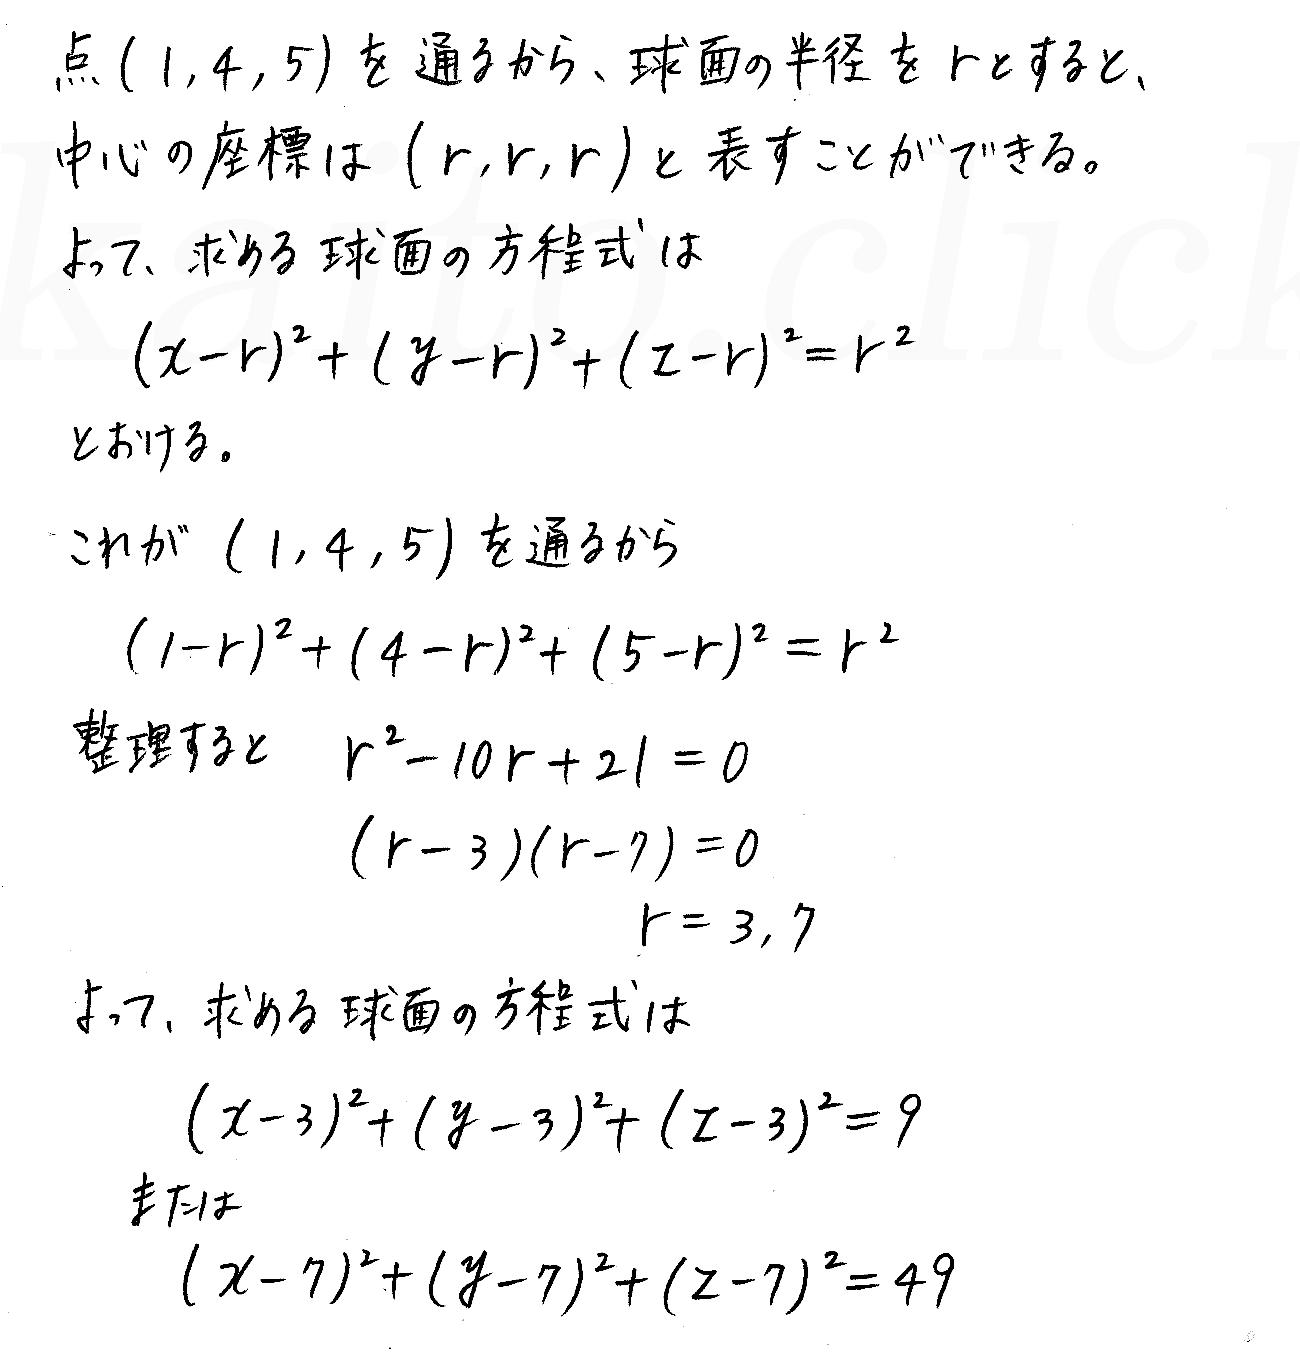 クリアー数学B-135解答